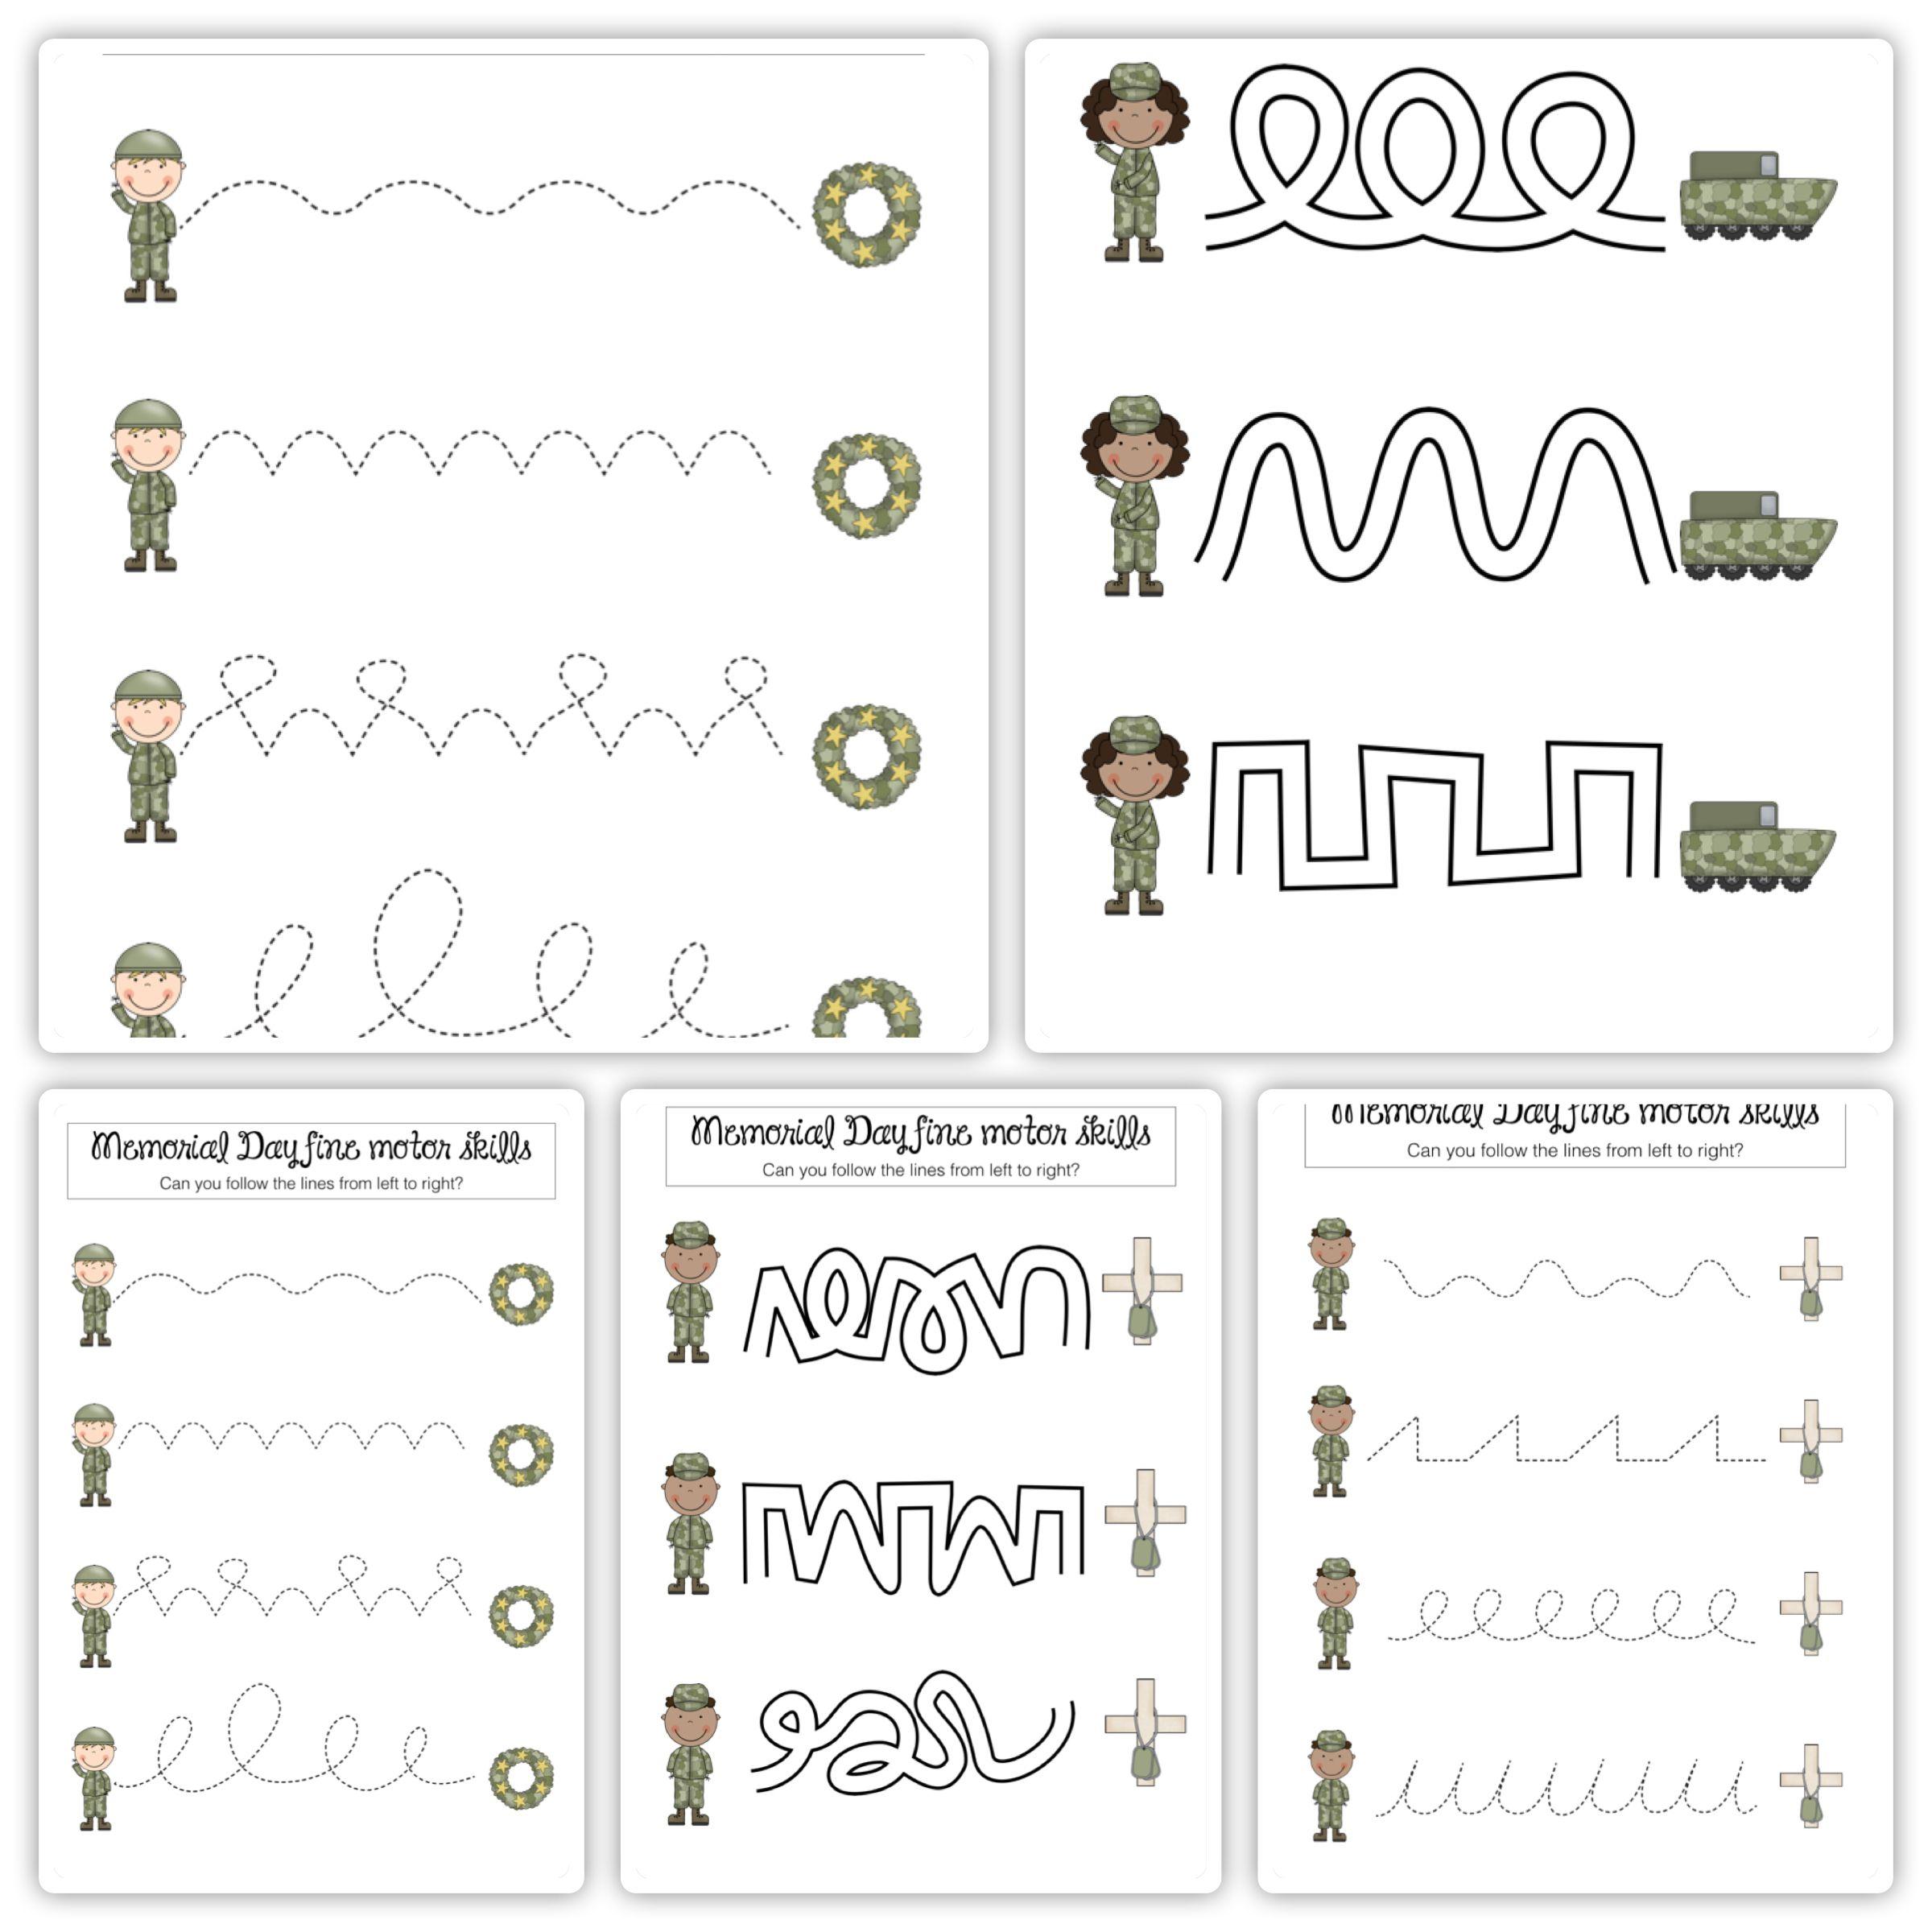 13 Fun, Outdoor Activities to Develop Handwriting Skills